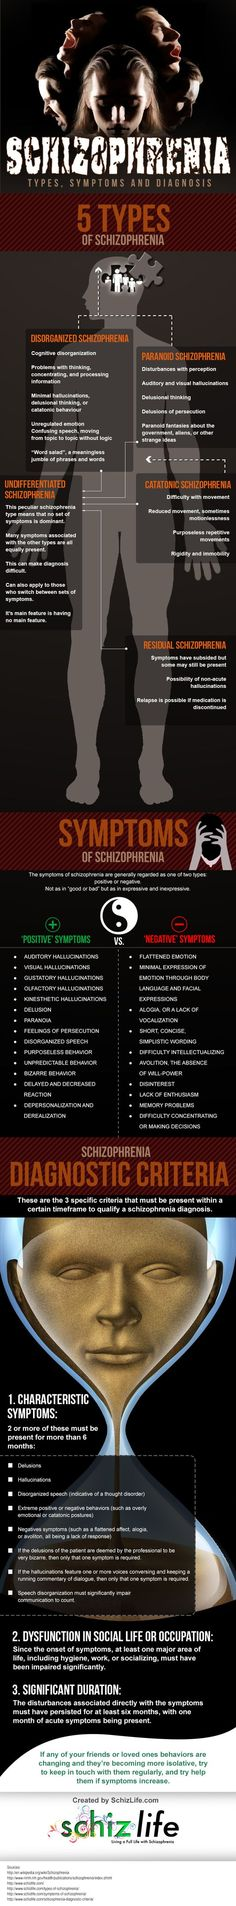 Schizophrenia Infographic on the Types, Symptoms, and Diagnosis of Schizophrenia.